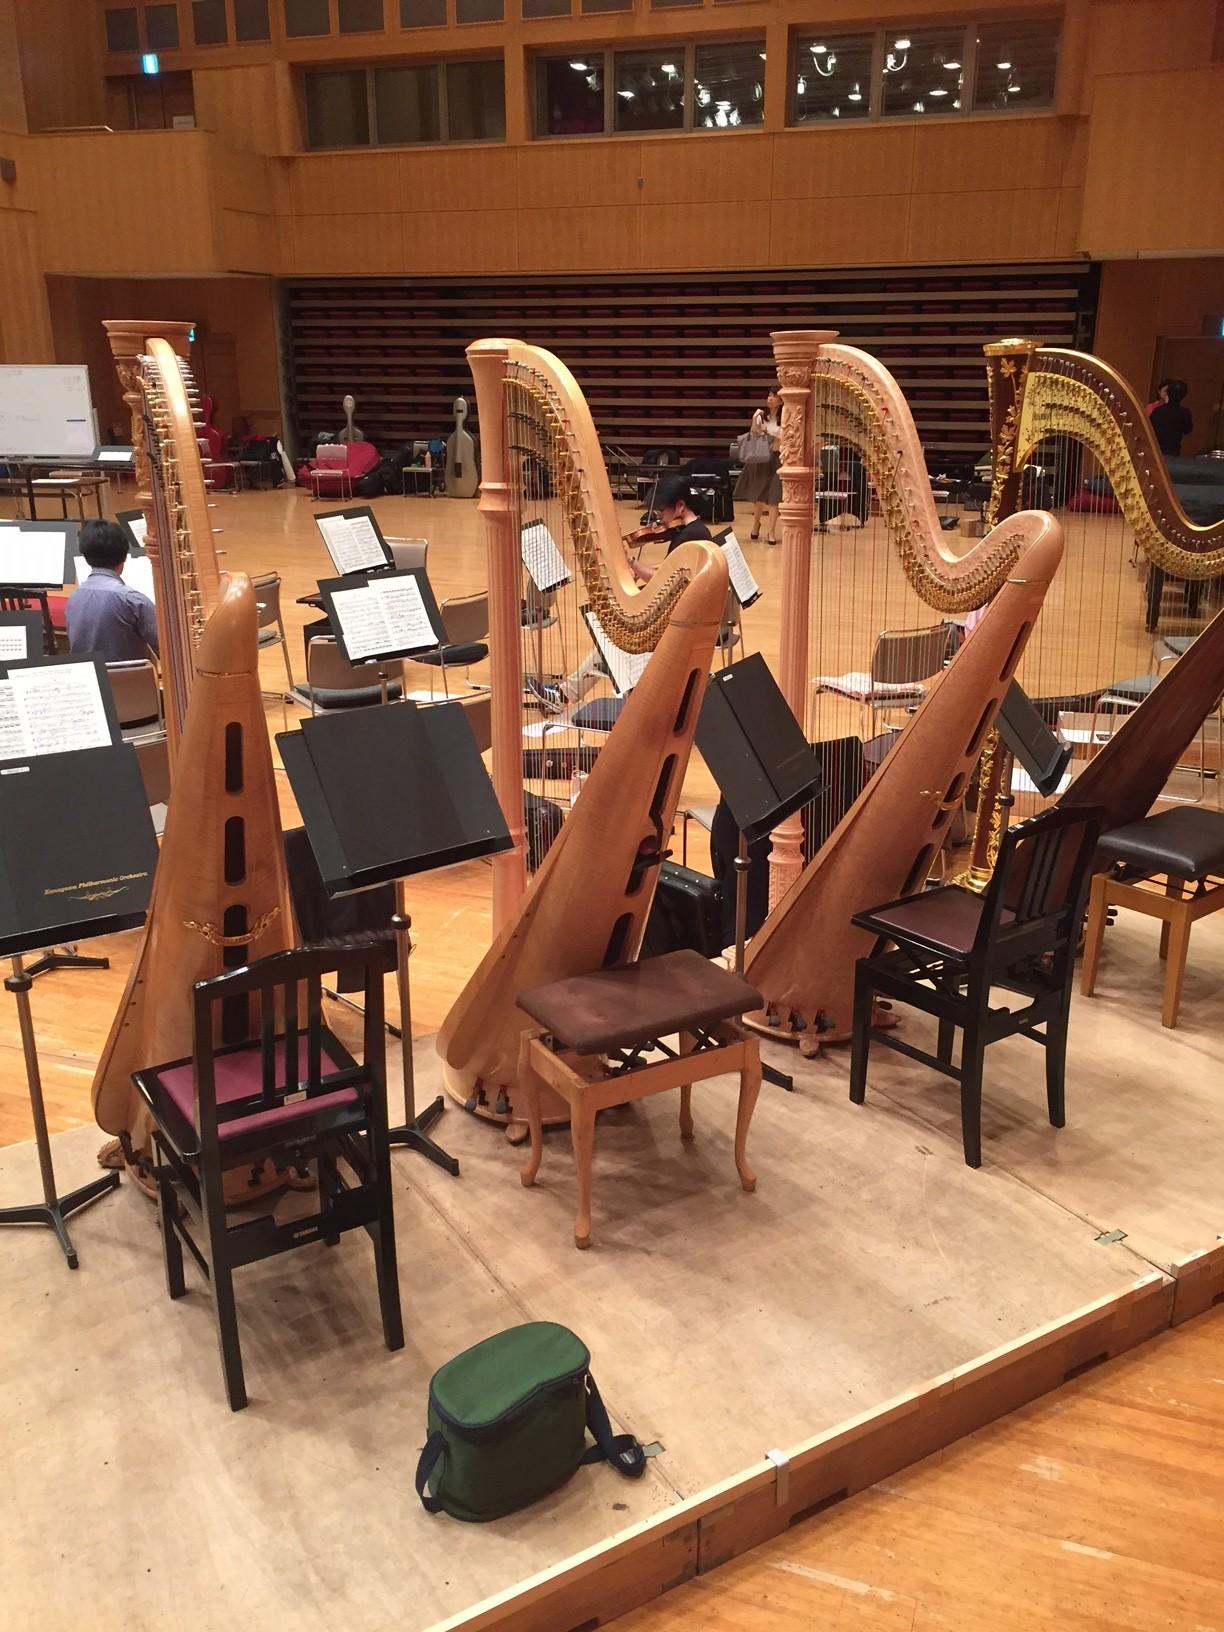 四台のハープが並ぶ様は壮観だ(リハーサルの光景より) 提供:神奈川フィルハーモニー管弦楽団